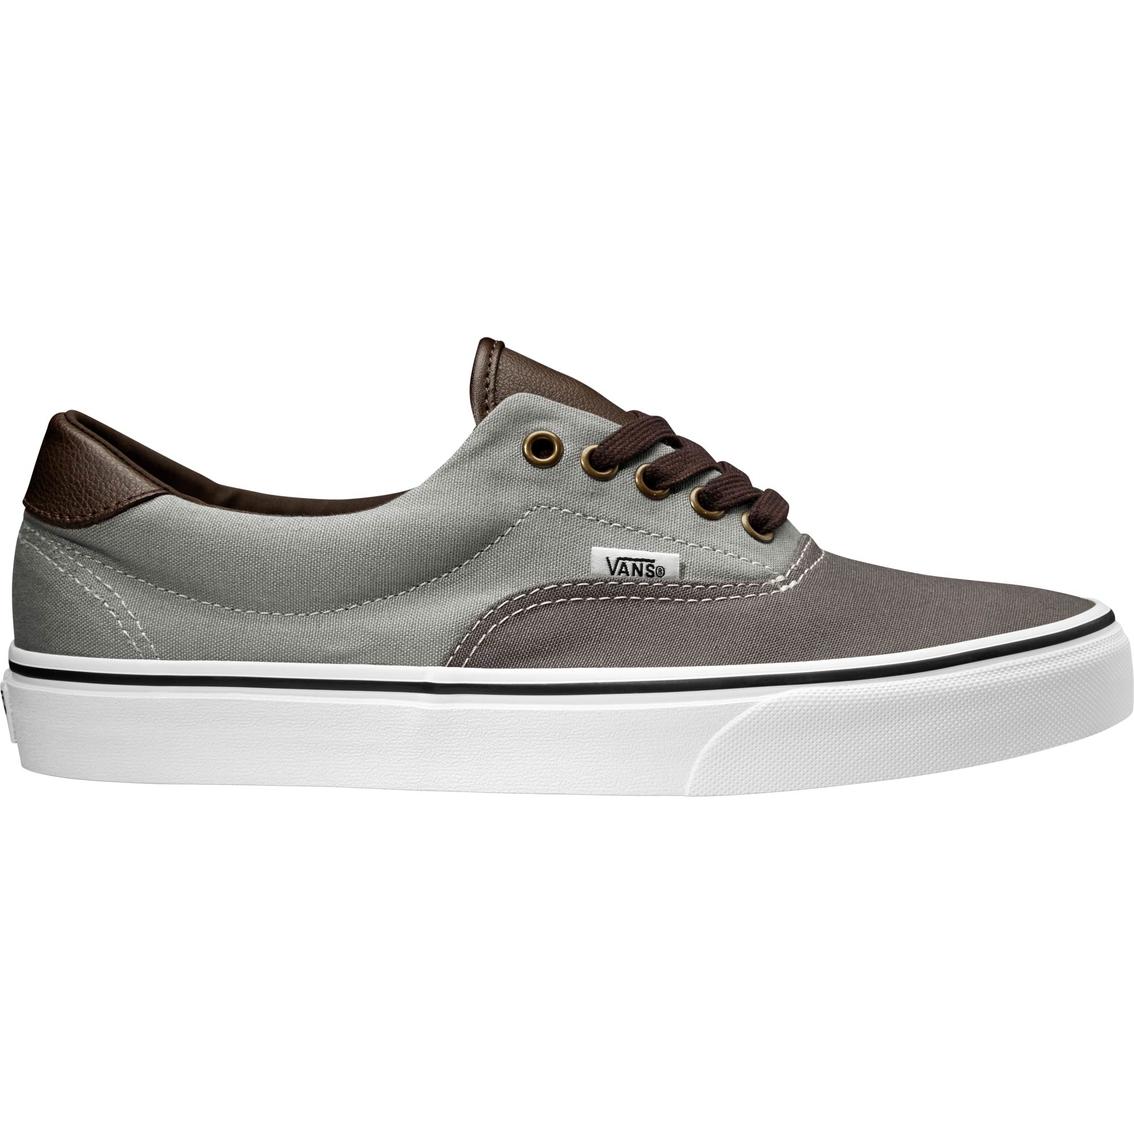 db5b769593 Vans Era 59 Low Top Casual Shoes